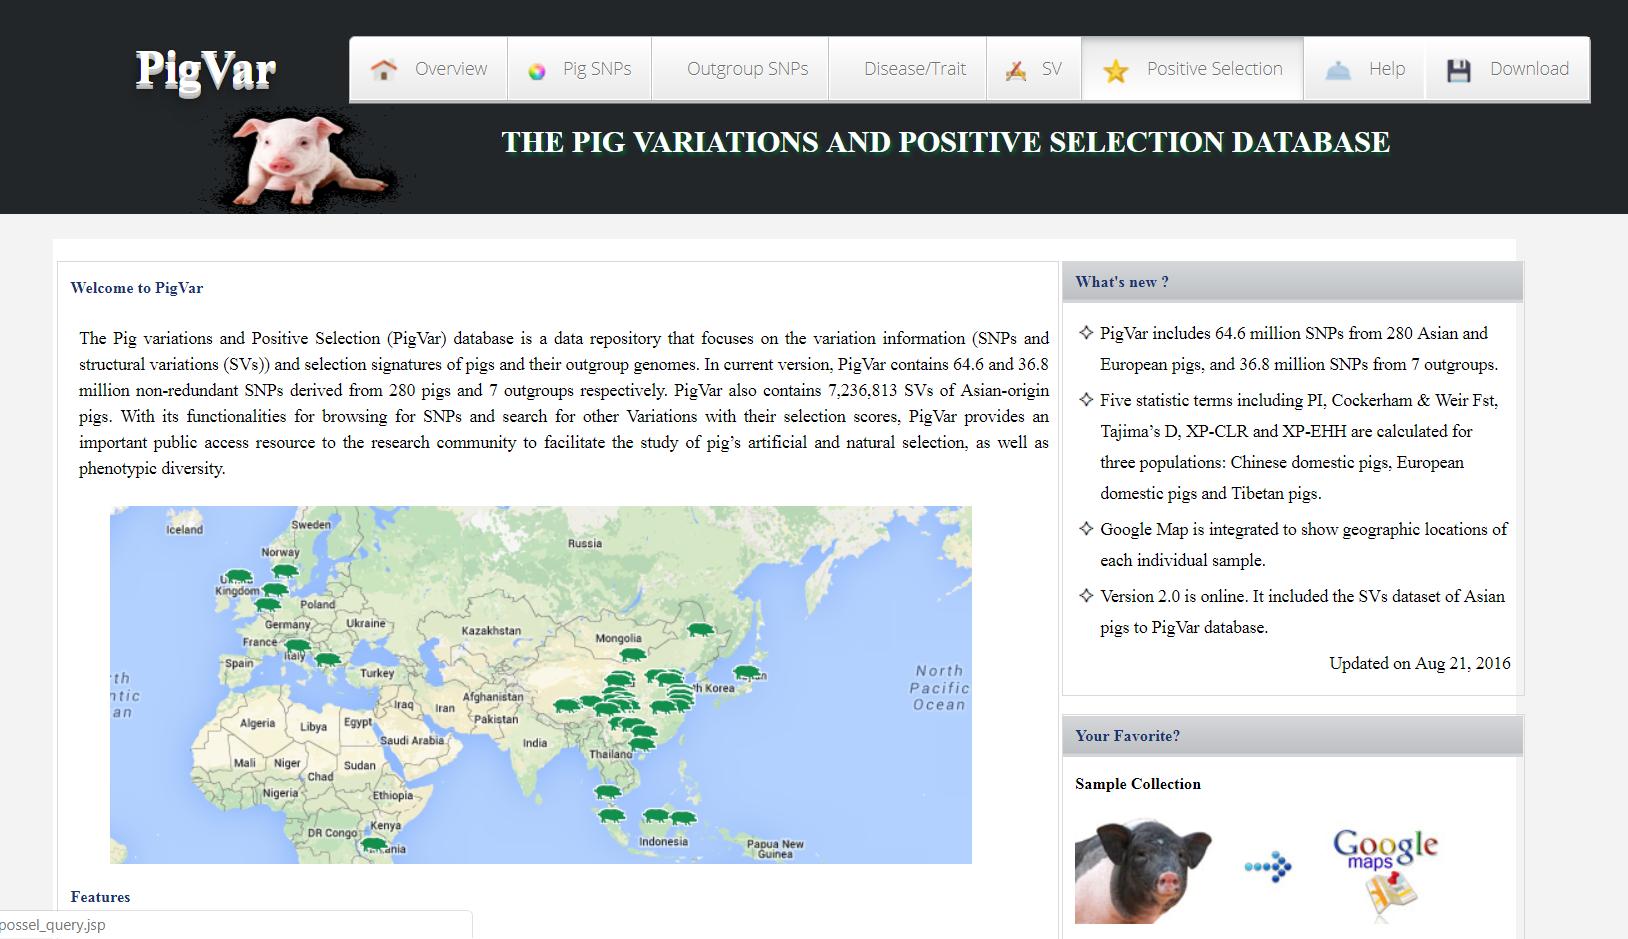 word image 806 Разработка модели интеграции результатов генетической экспертизы национальных племенных ресурсов с мировыми информационными ресурсами геномных данных в контексте задачи создания отечественной системы геномной оценки сельскохозяйственных животных